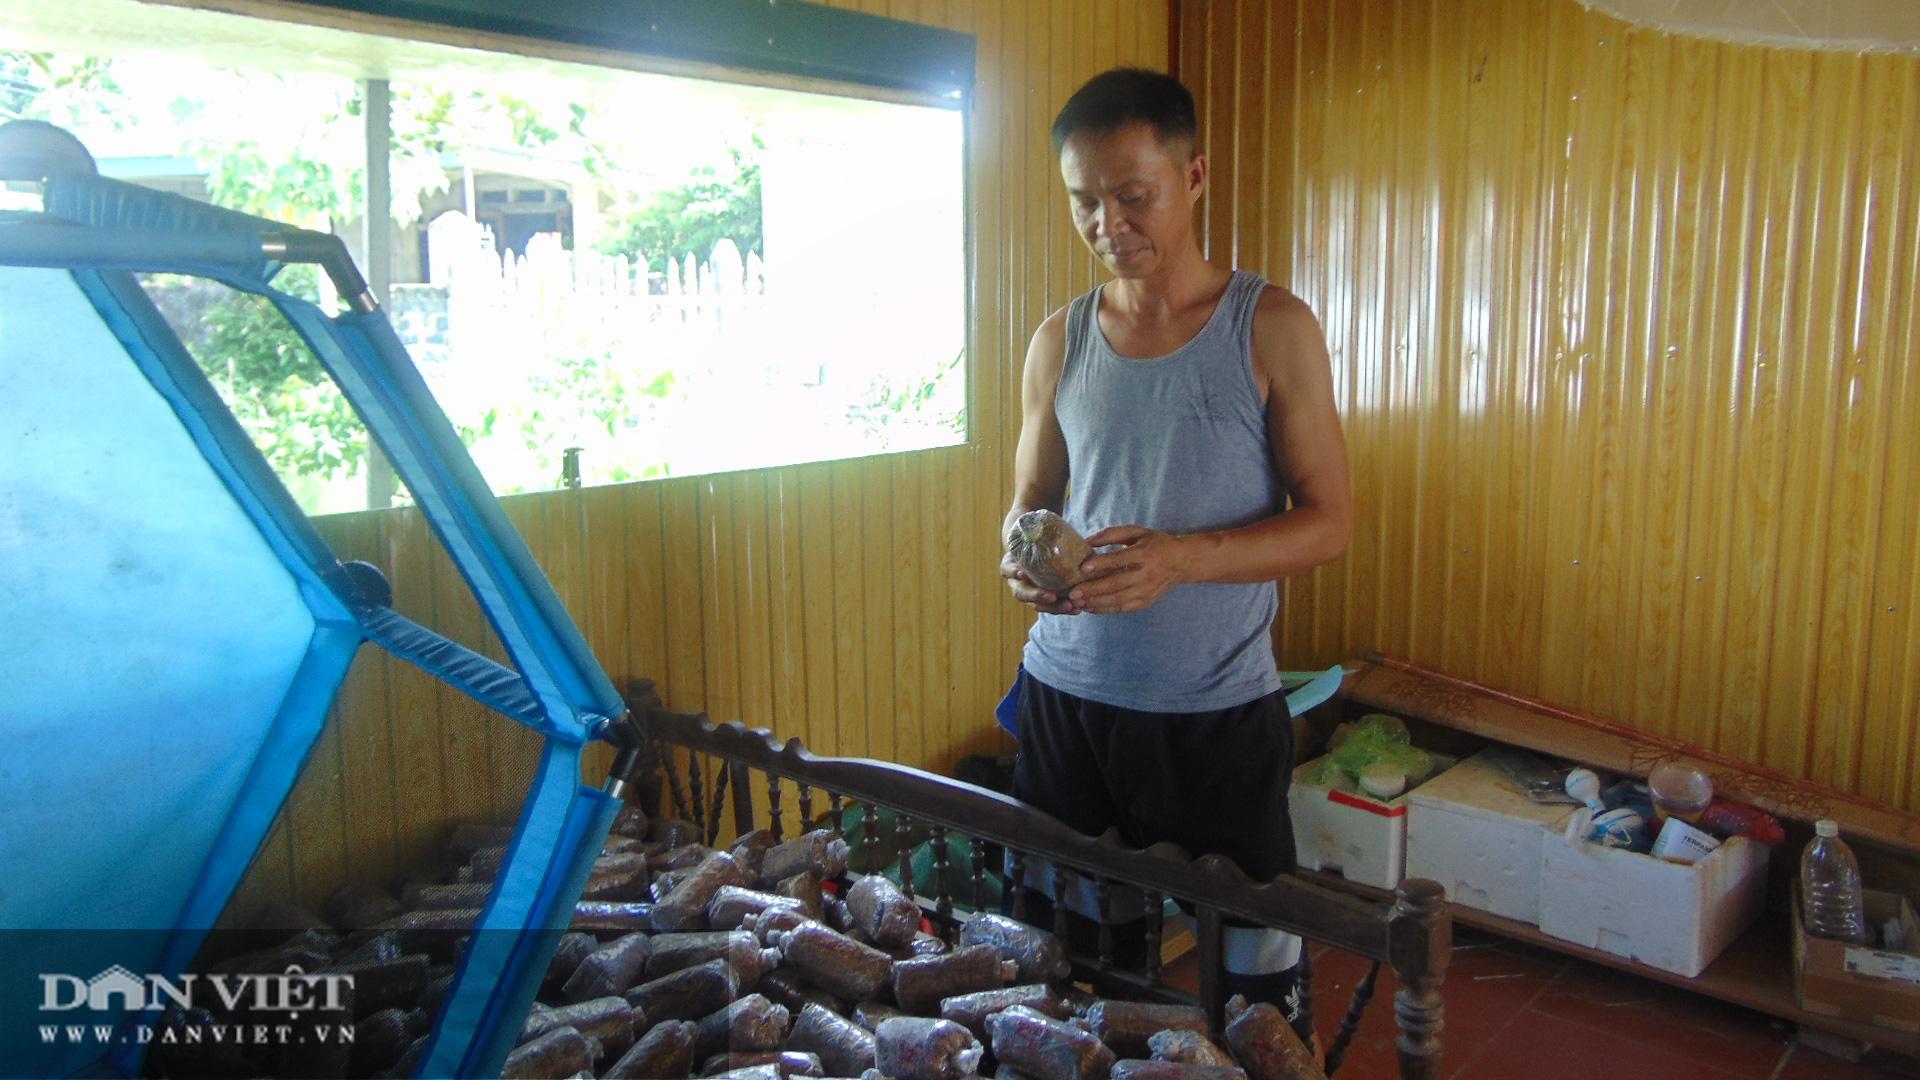 Trồng nấm rơm thương phẩm, anh nông dân Thái Nguyên bỏ túi vài trăm triệu mỗi năm - Ảnh 4.